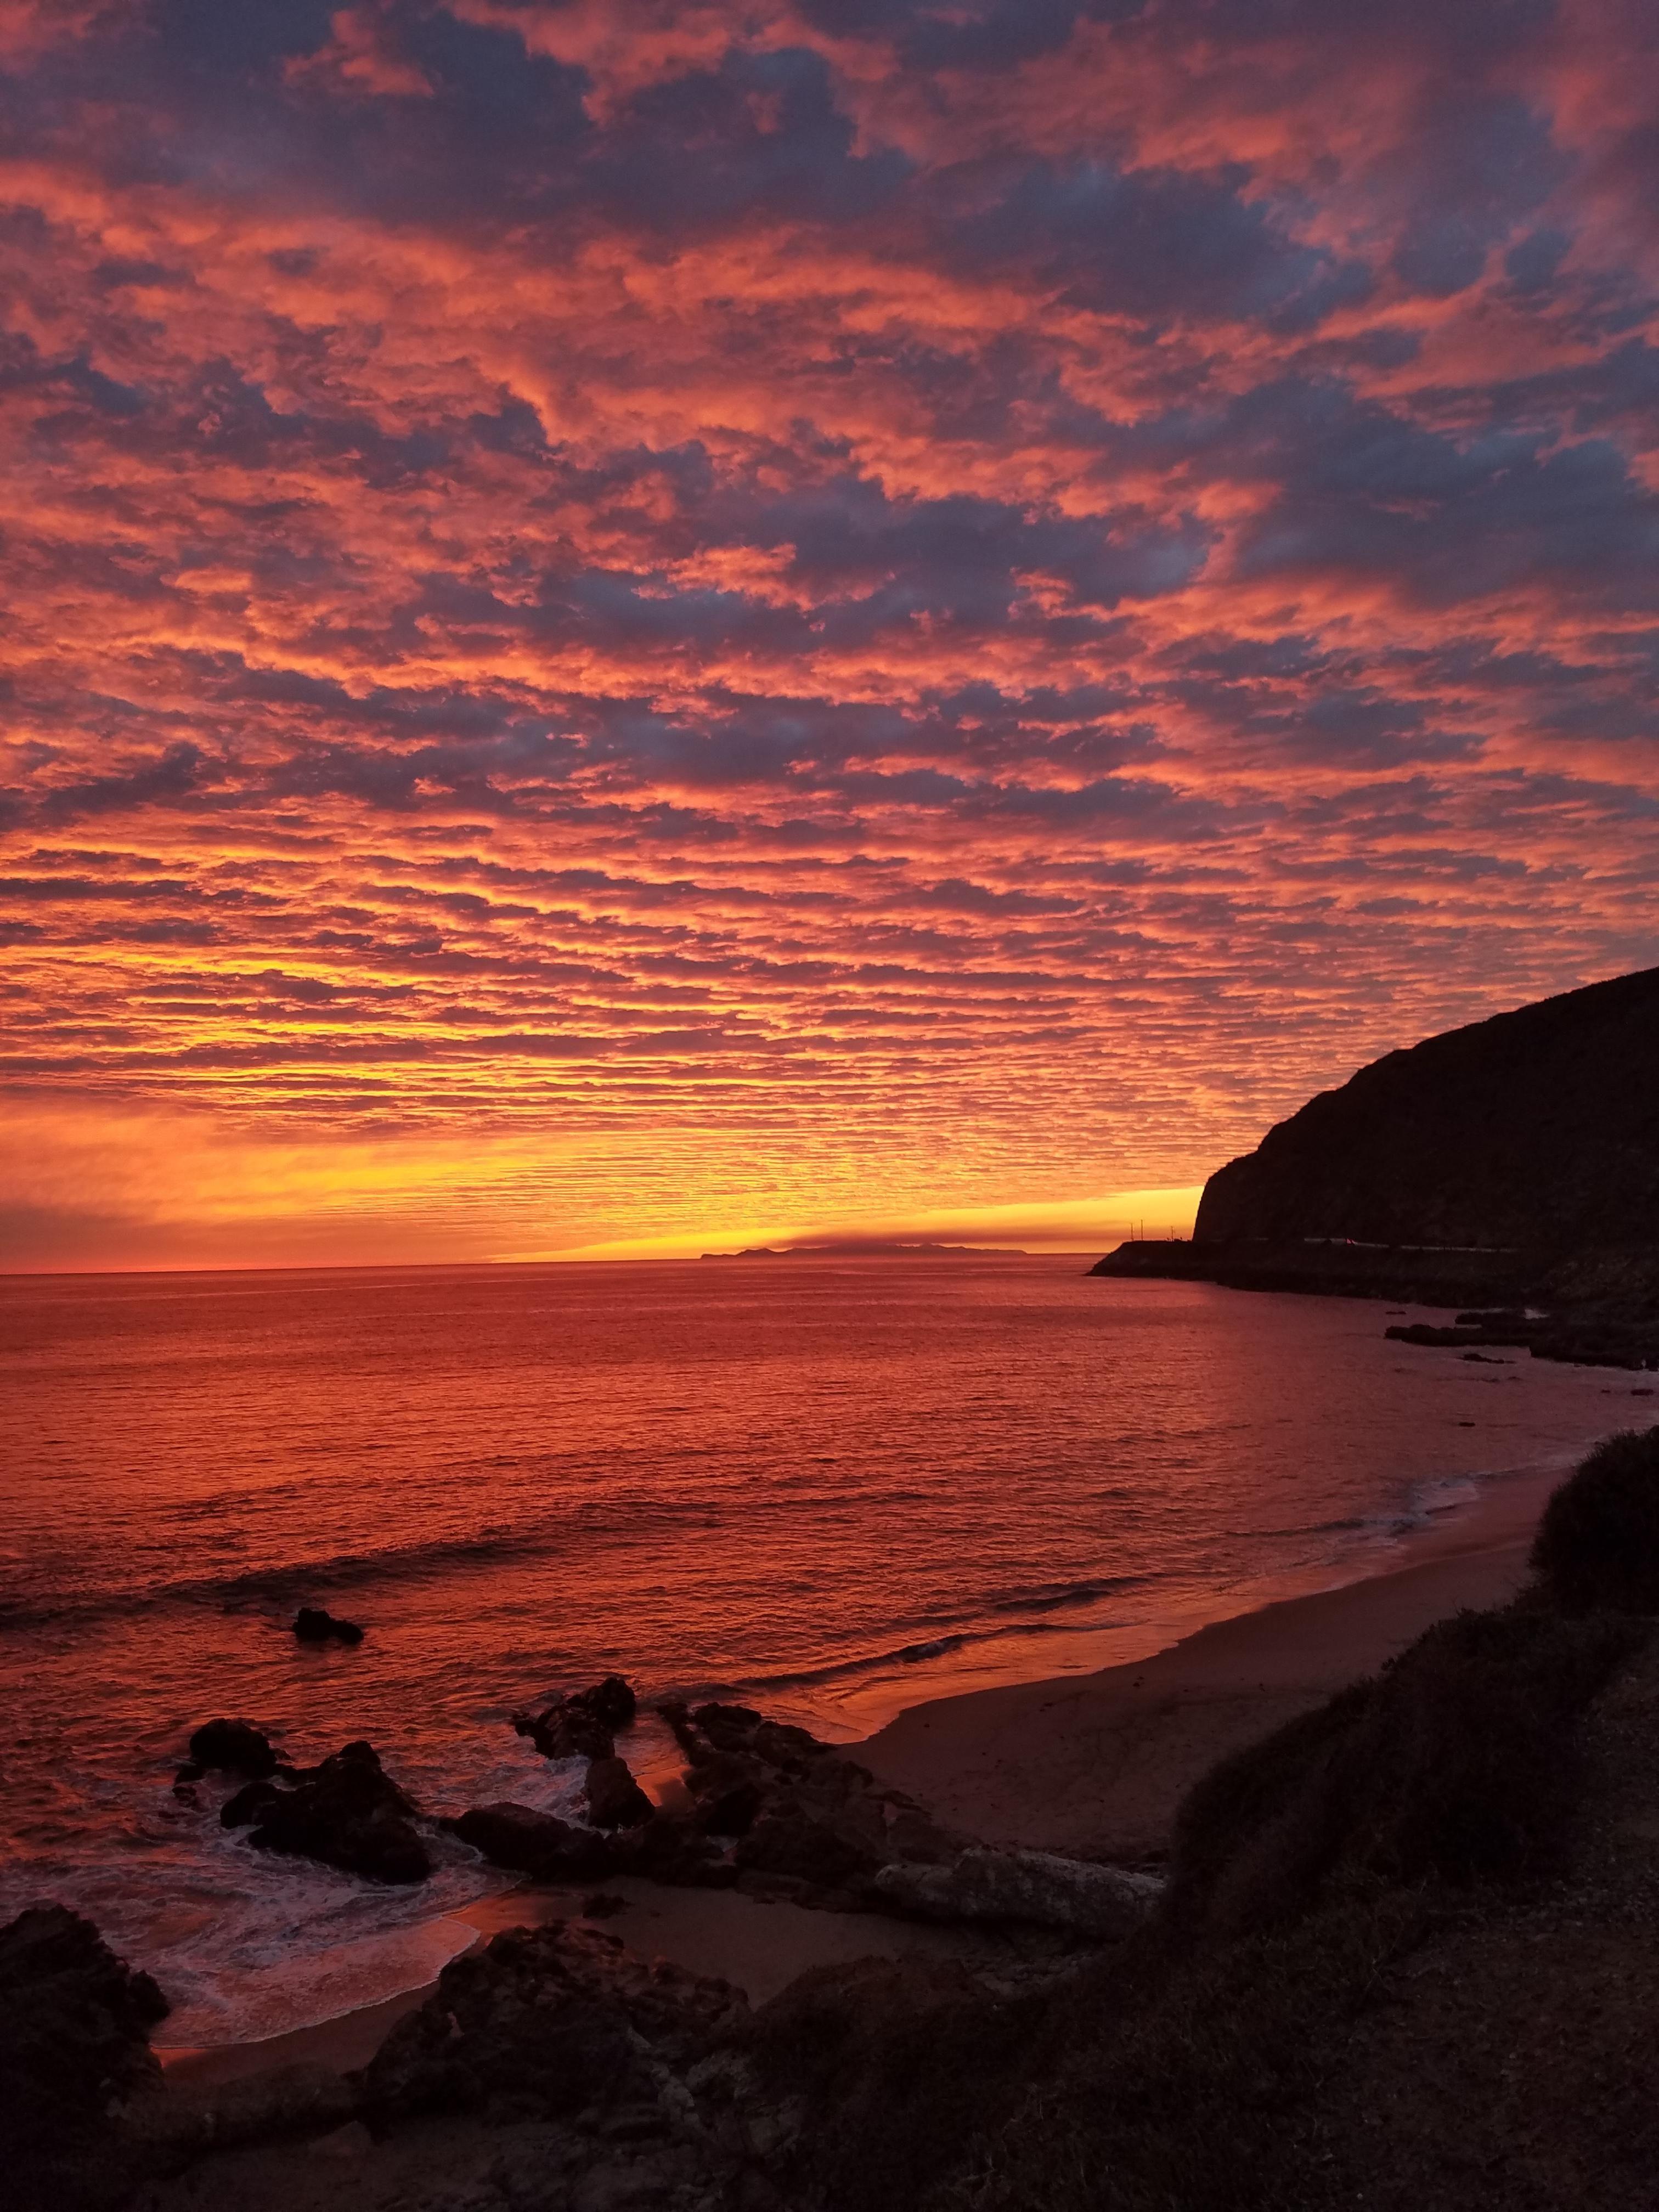 самые красивые картинки закаты сюжет размещена